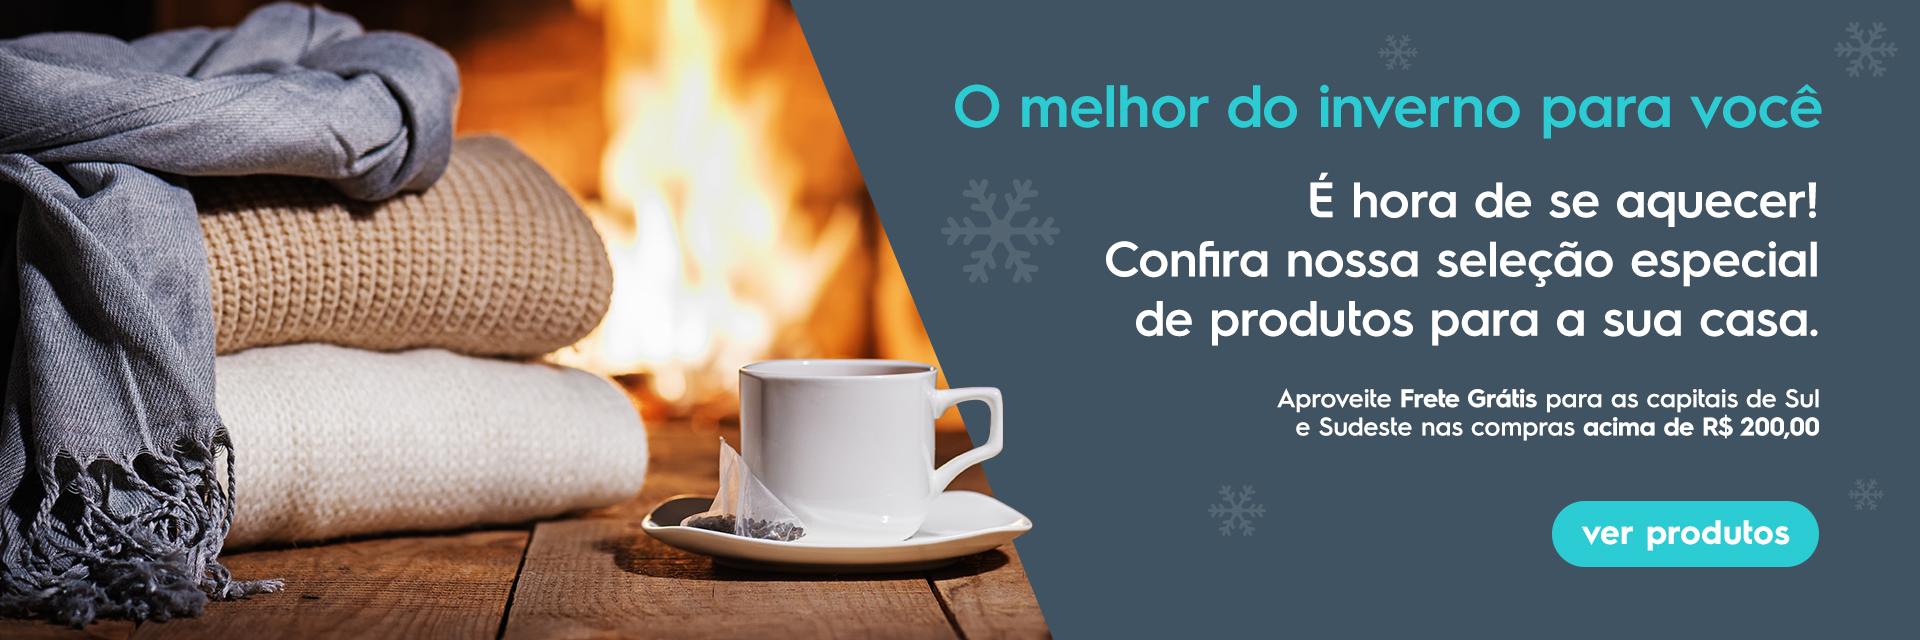 Desktop - Inverno - campanha